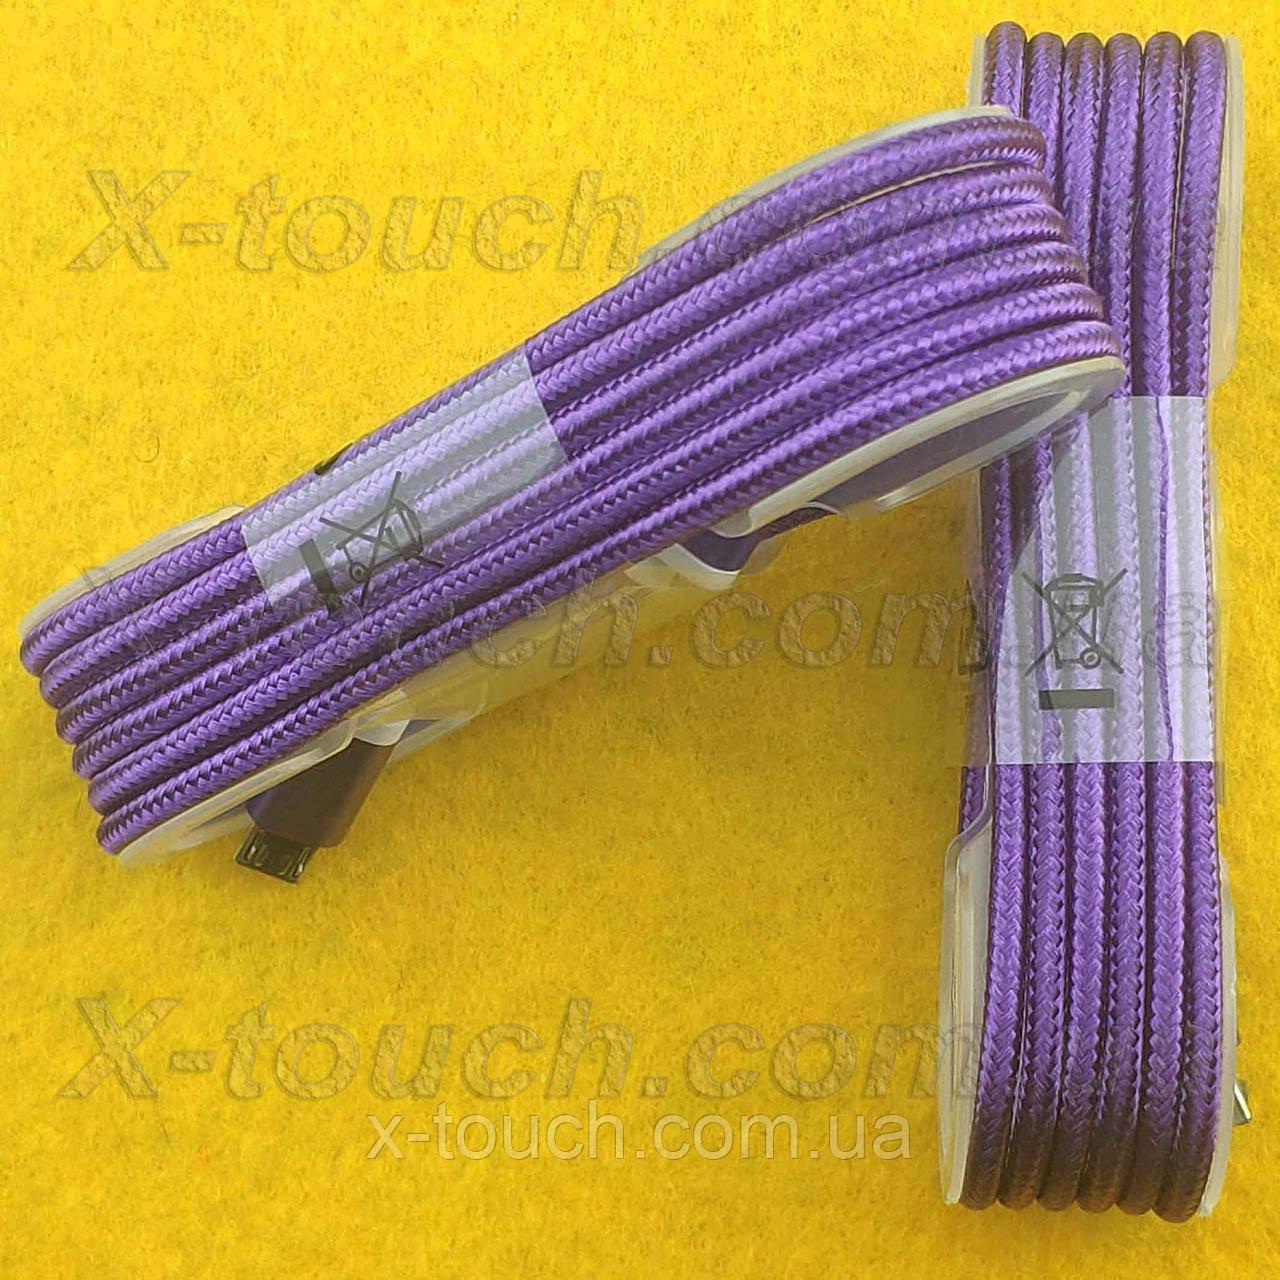 USB - Micro USB кабель в тканевой оболочке 1.5 м, Шнур micro usb 2.0 Assistant ( цвет фиолетовый)